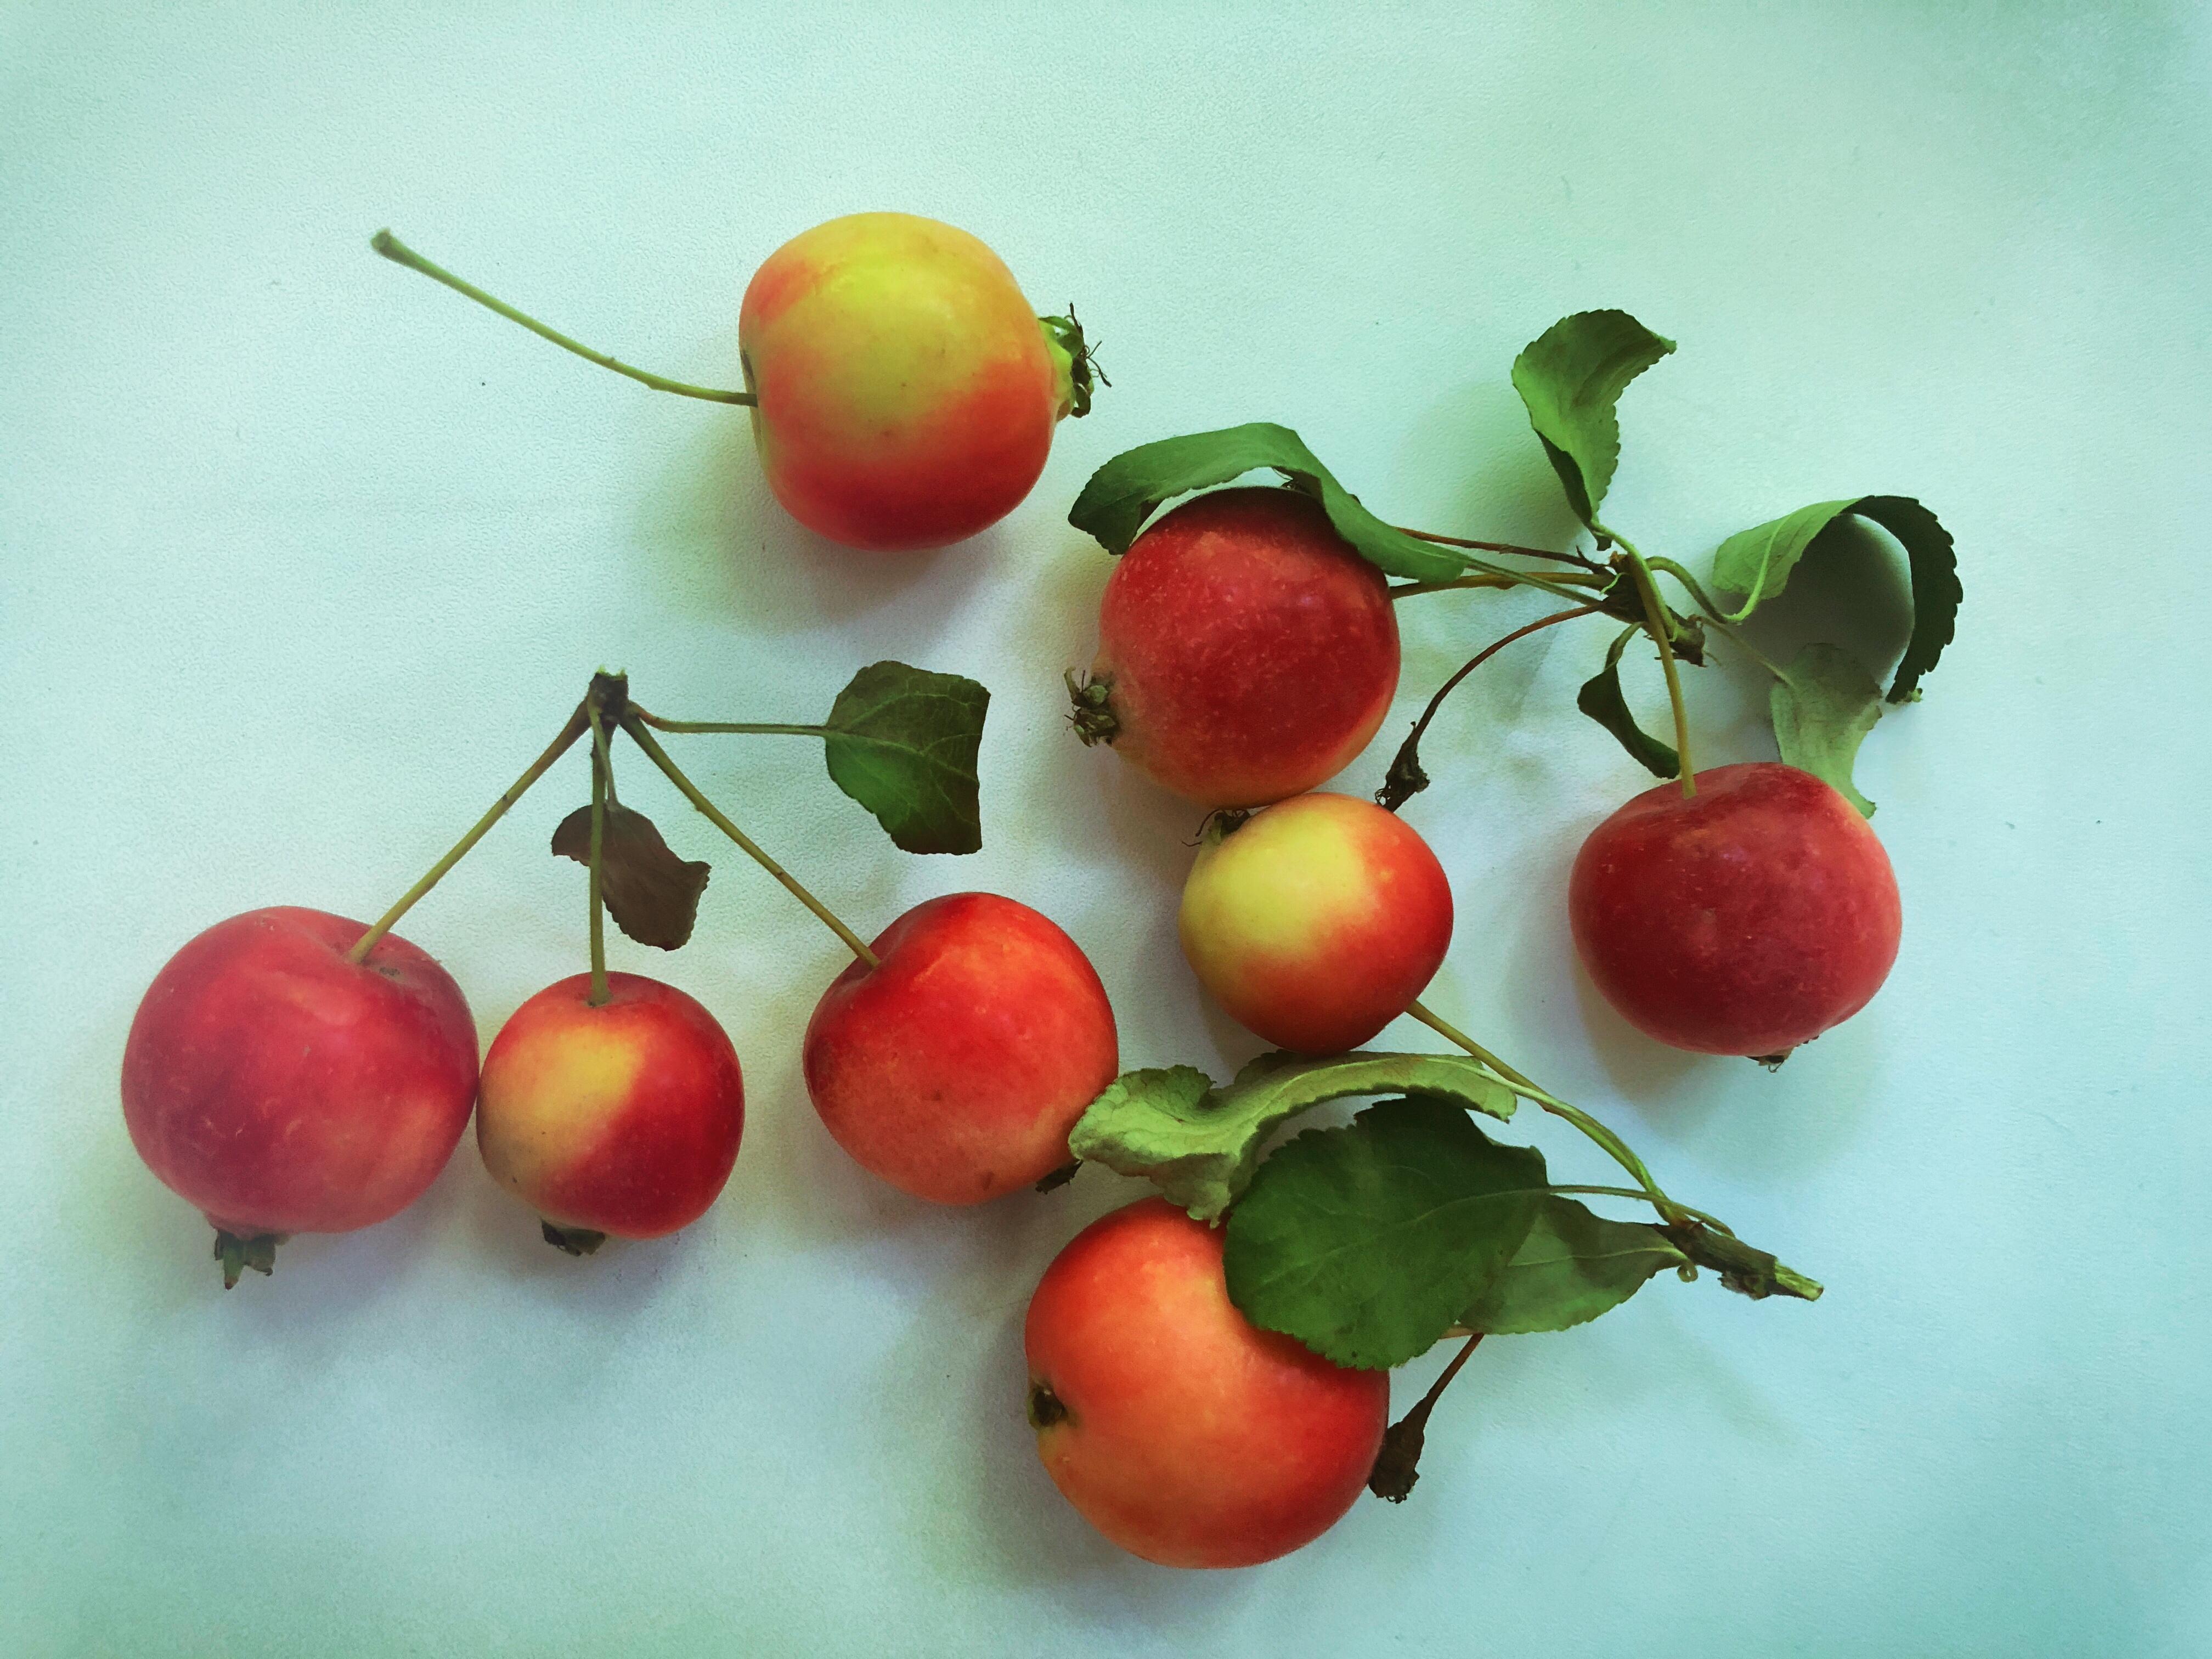 tomsk sibirien aepfel